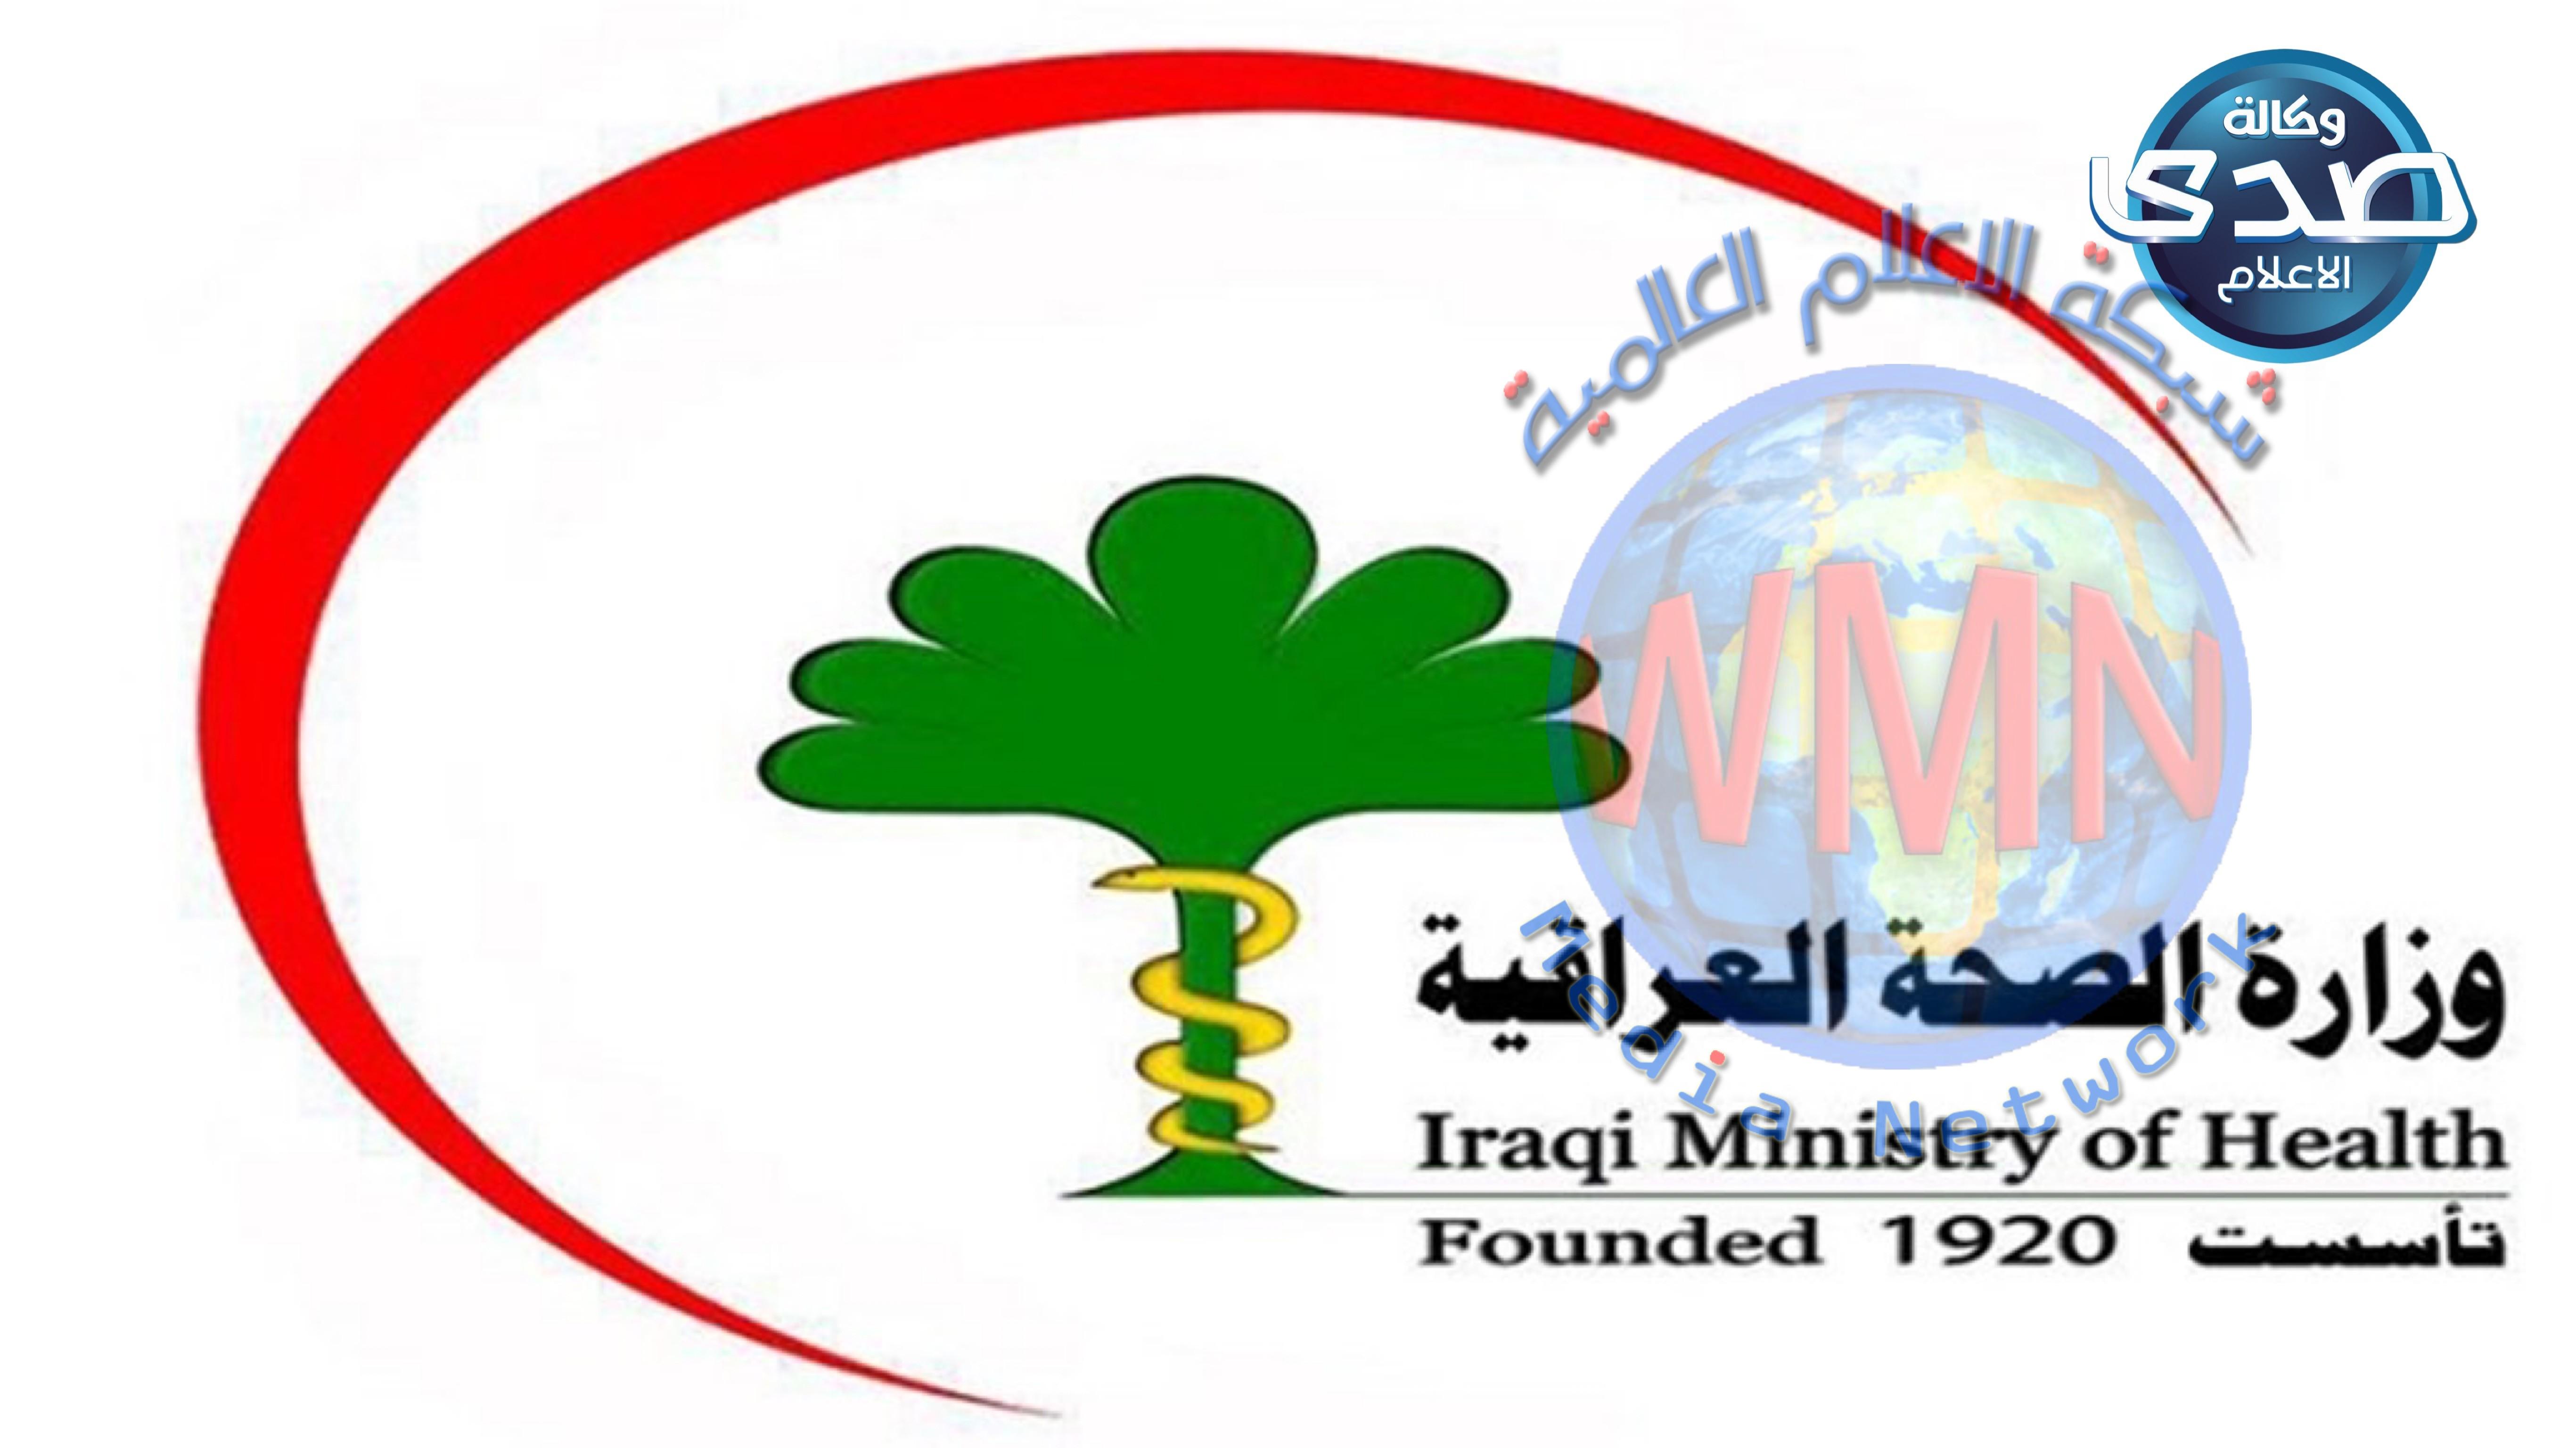 وزارة الصحة تعلن عن تسجيل ٧٧ اصابة جديدة بفيروس كورونا في العراق